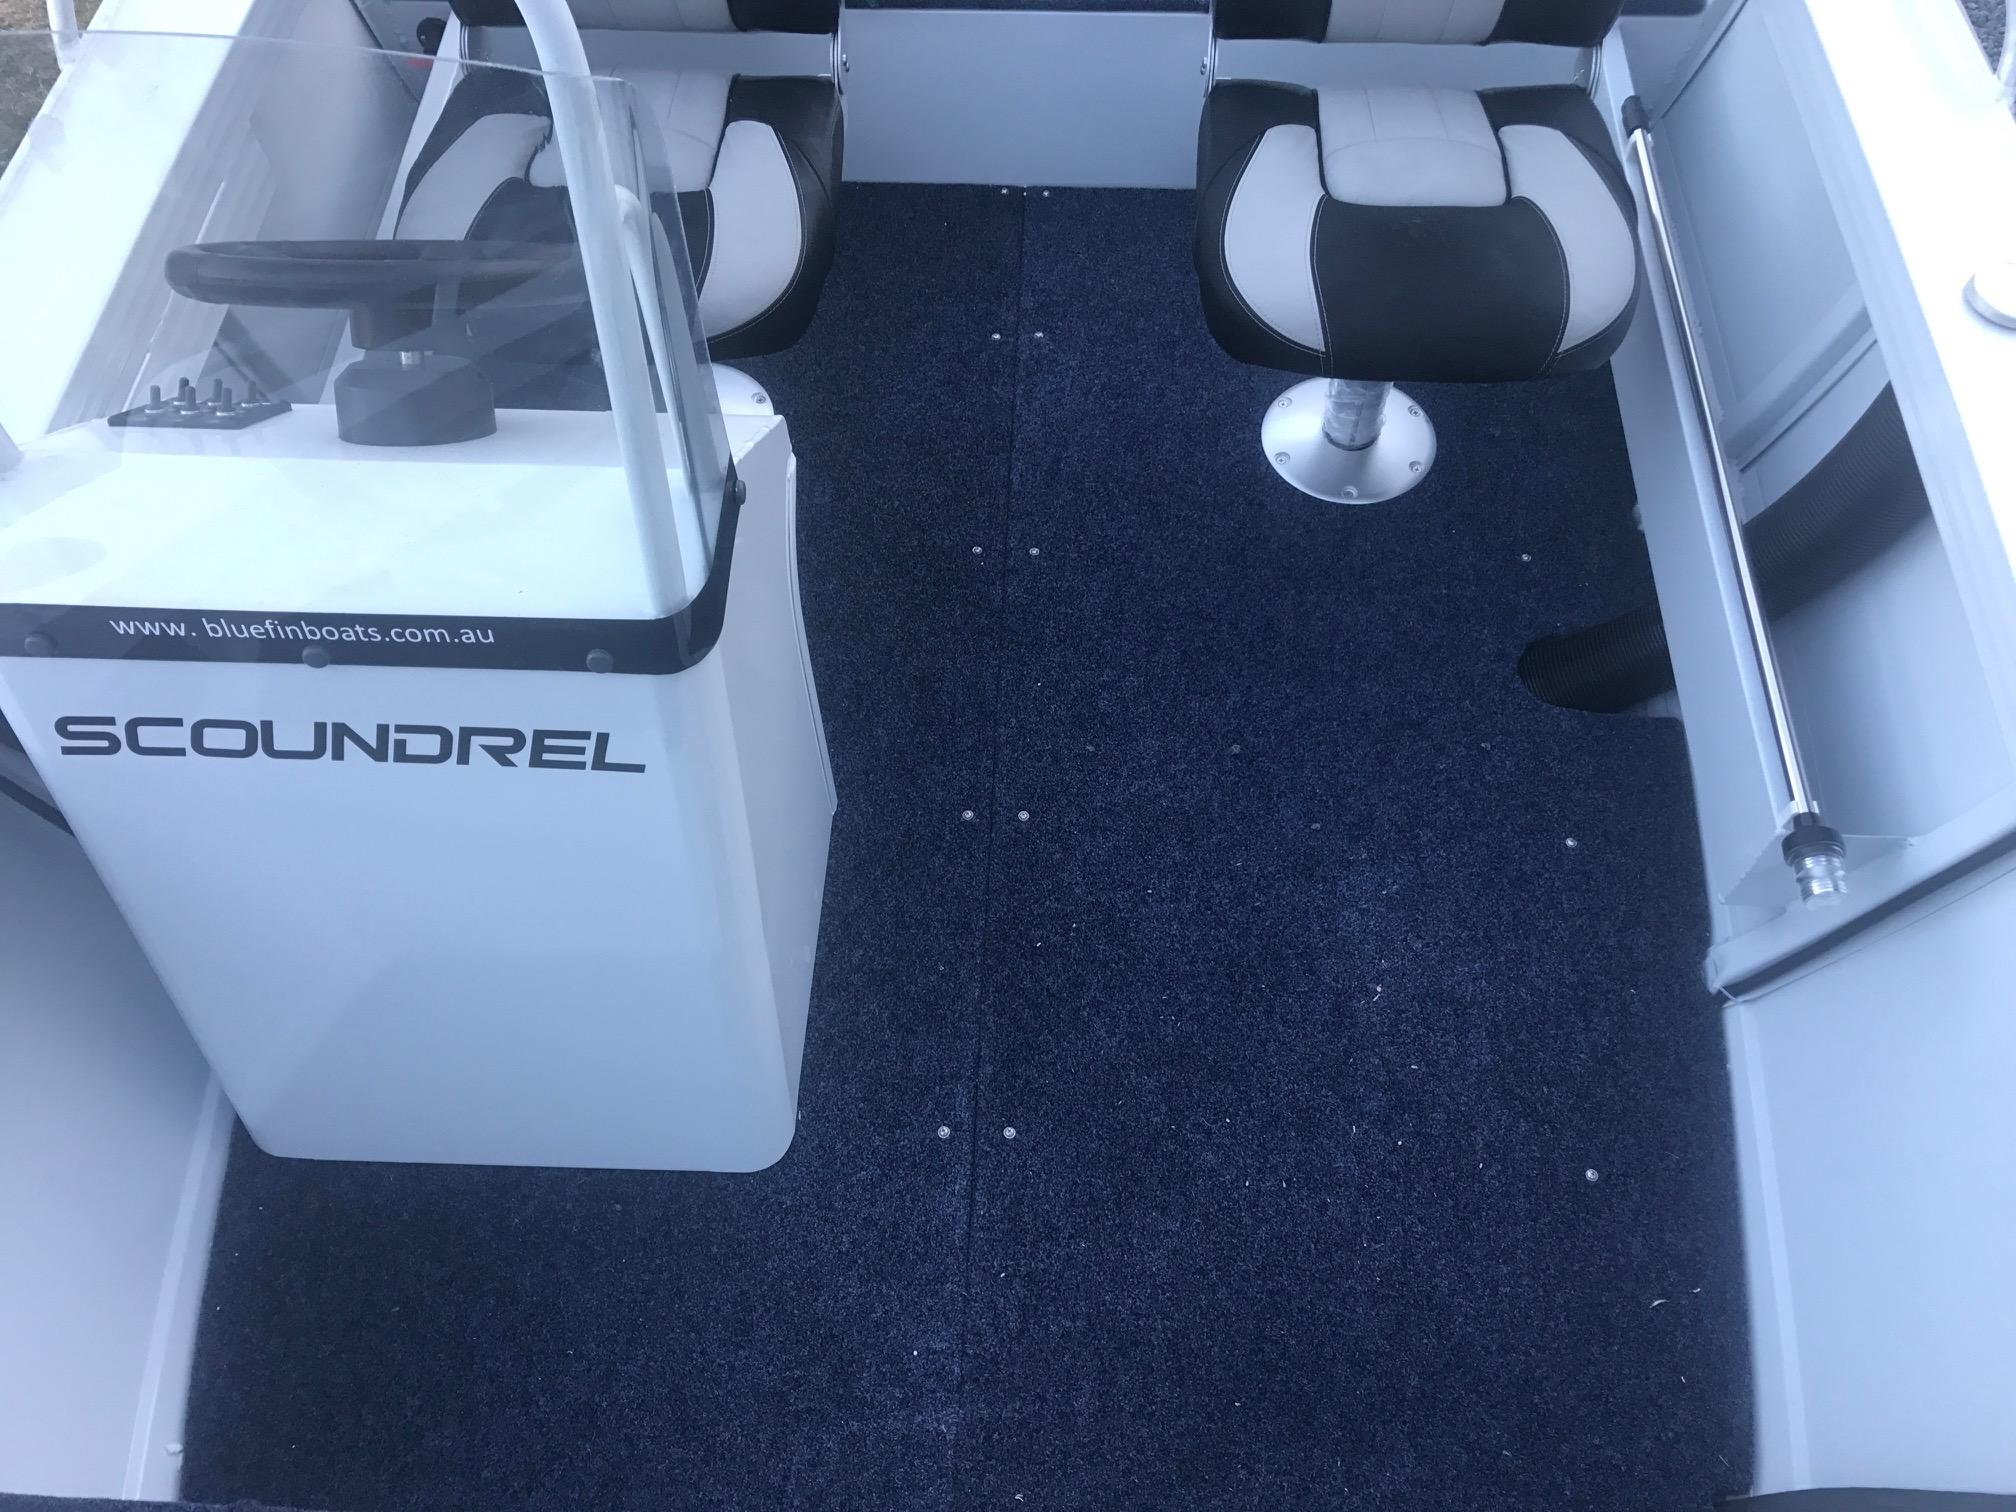 Scoundrel cockpit